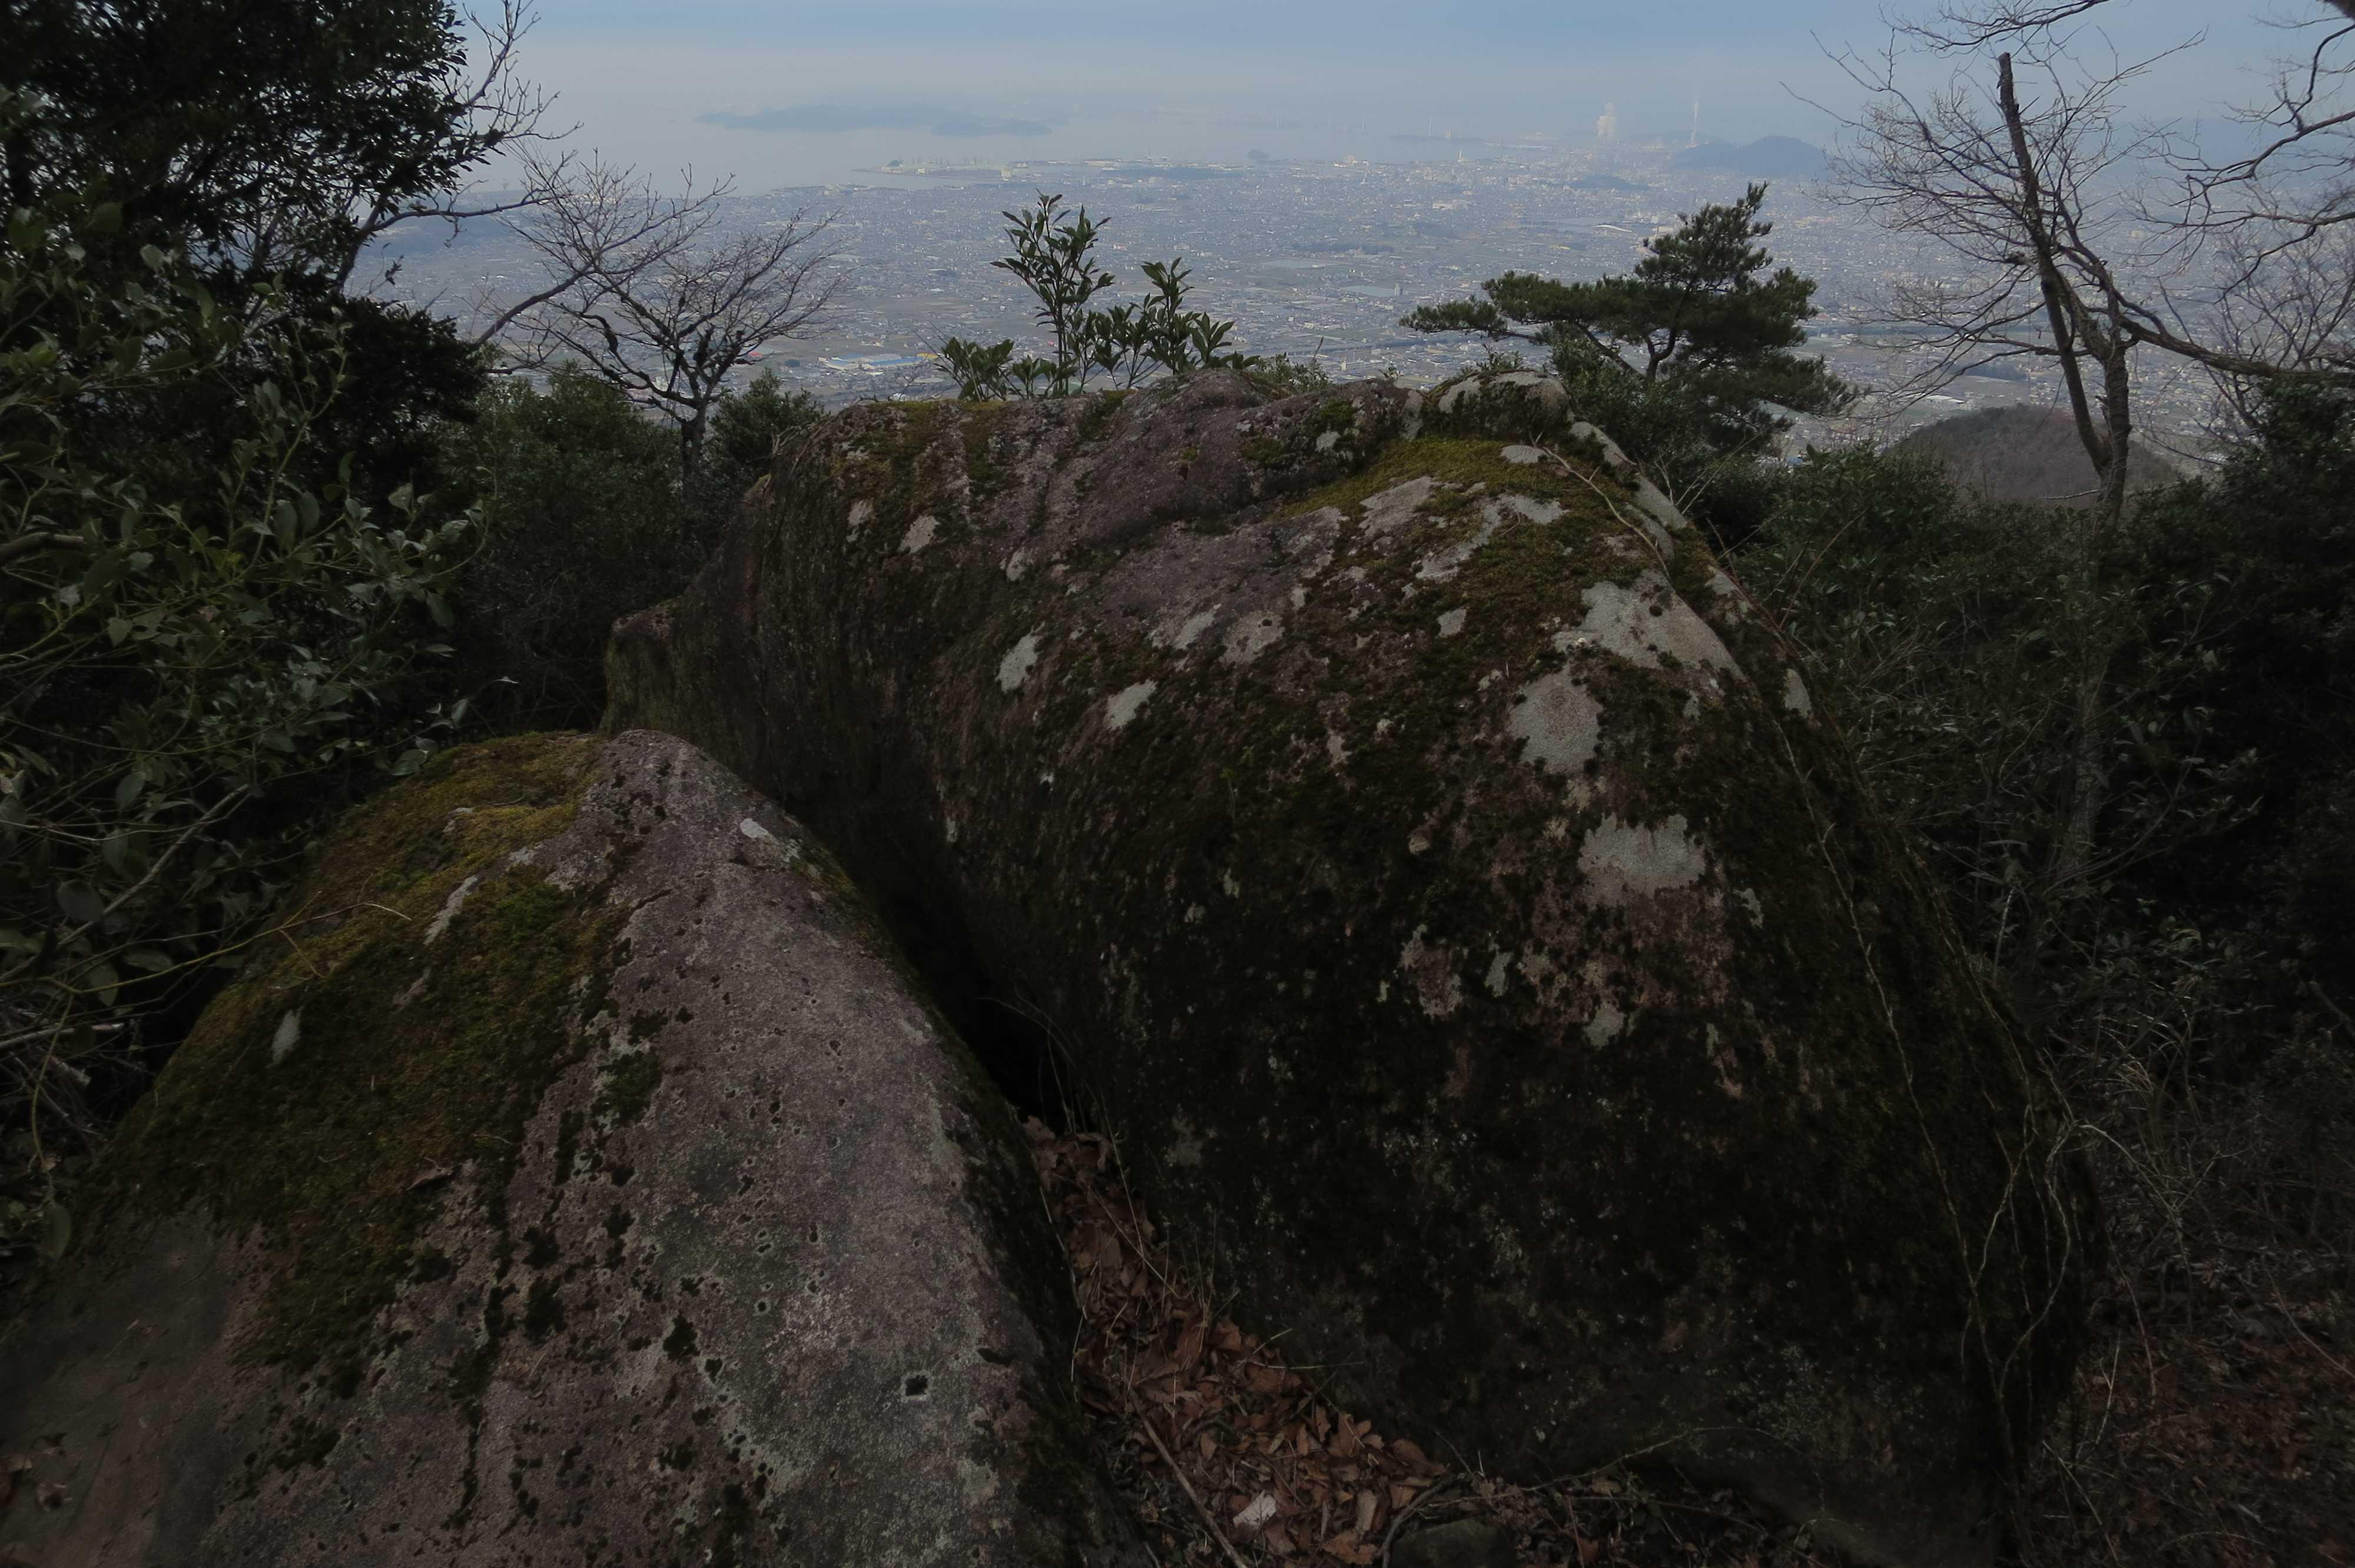 我拝師山の頂上 - 捨身ヶ嶽禅定